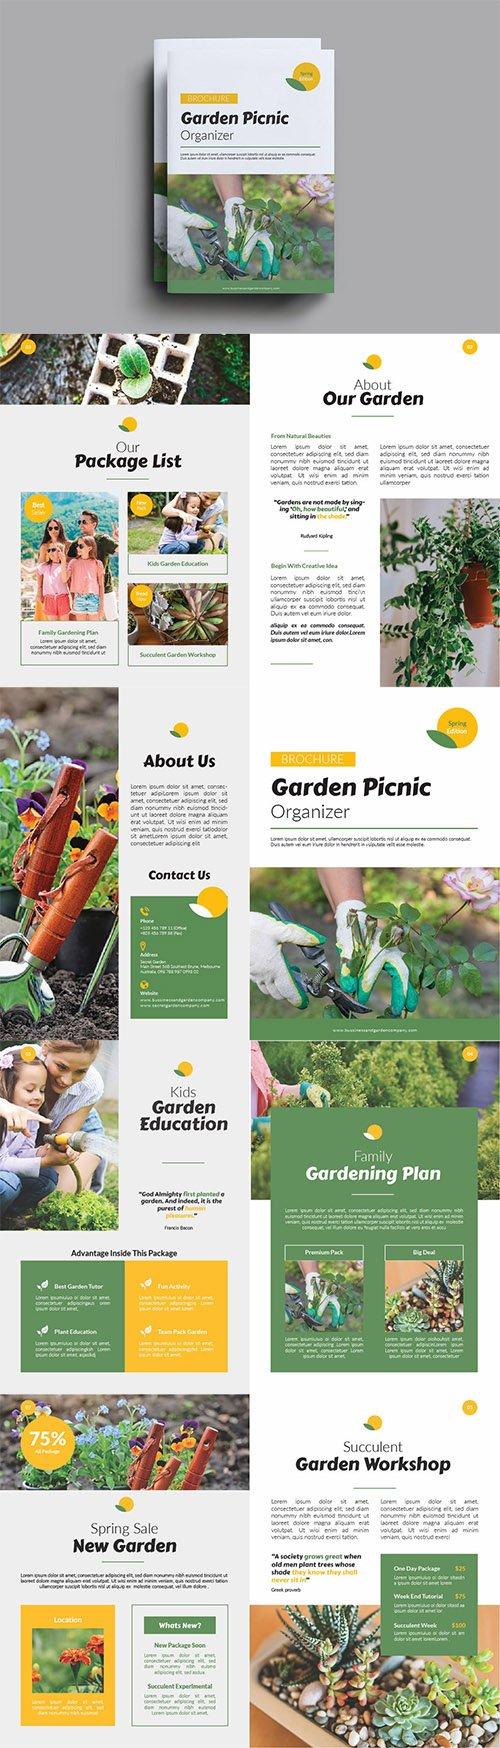 Garden Picnic Organizer Brochure